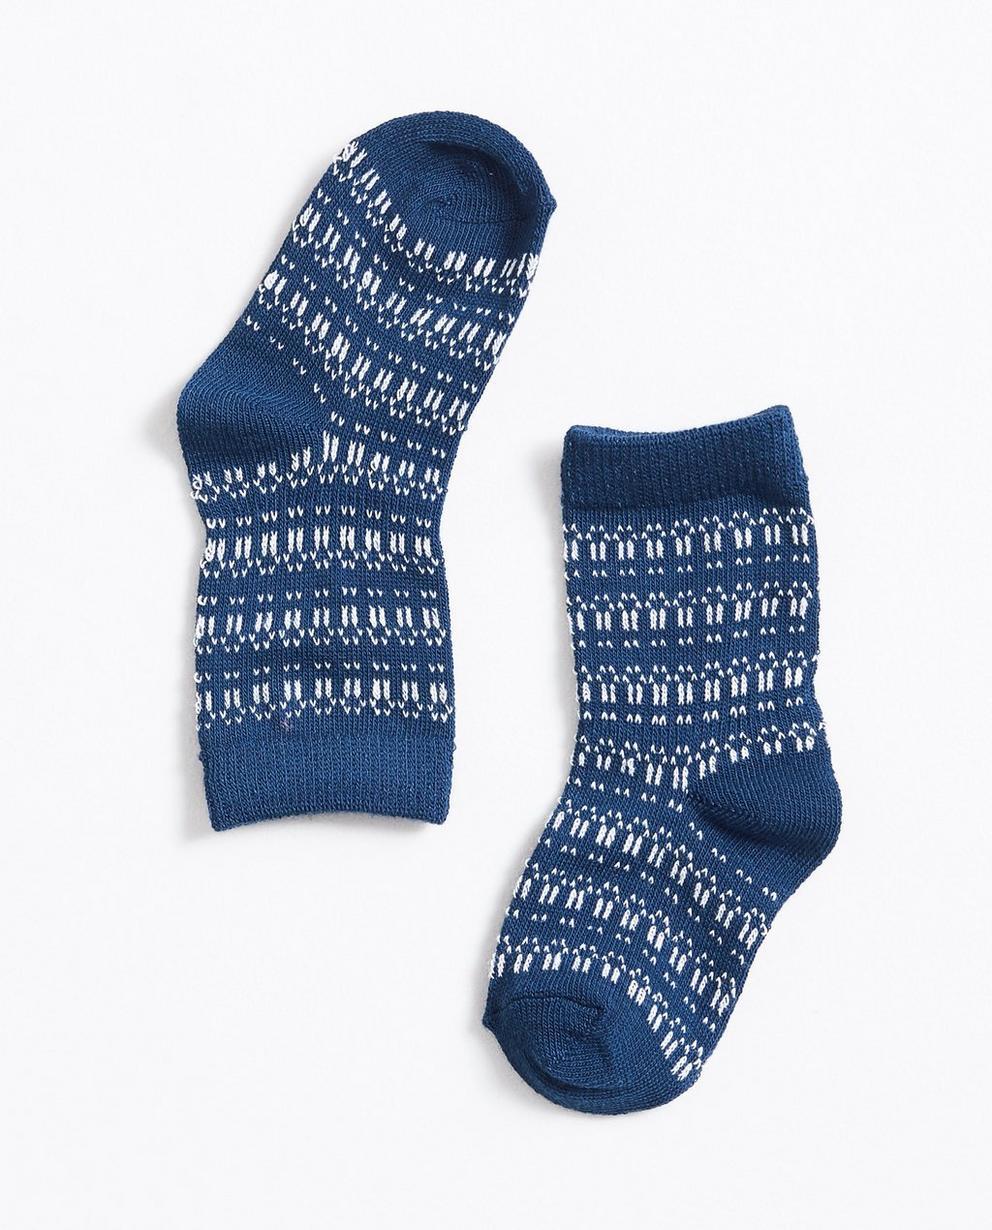 Donkerblauwe kousen - met jacquard patroon - JBC